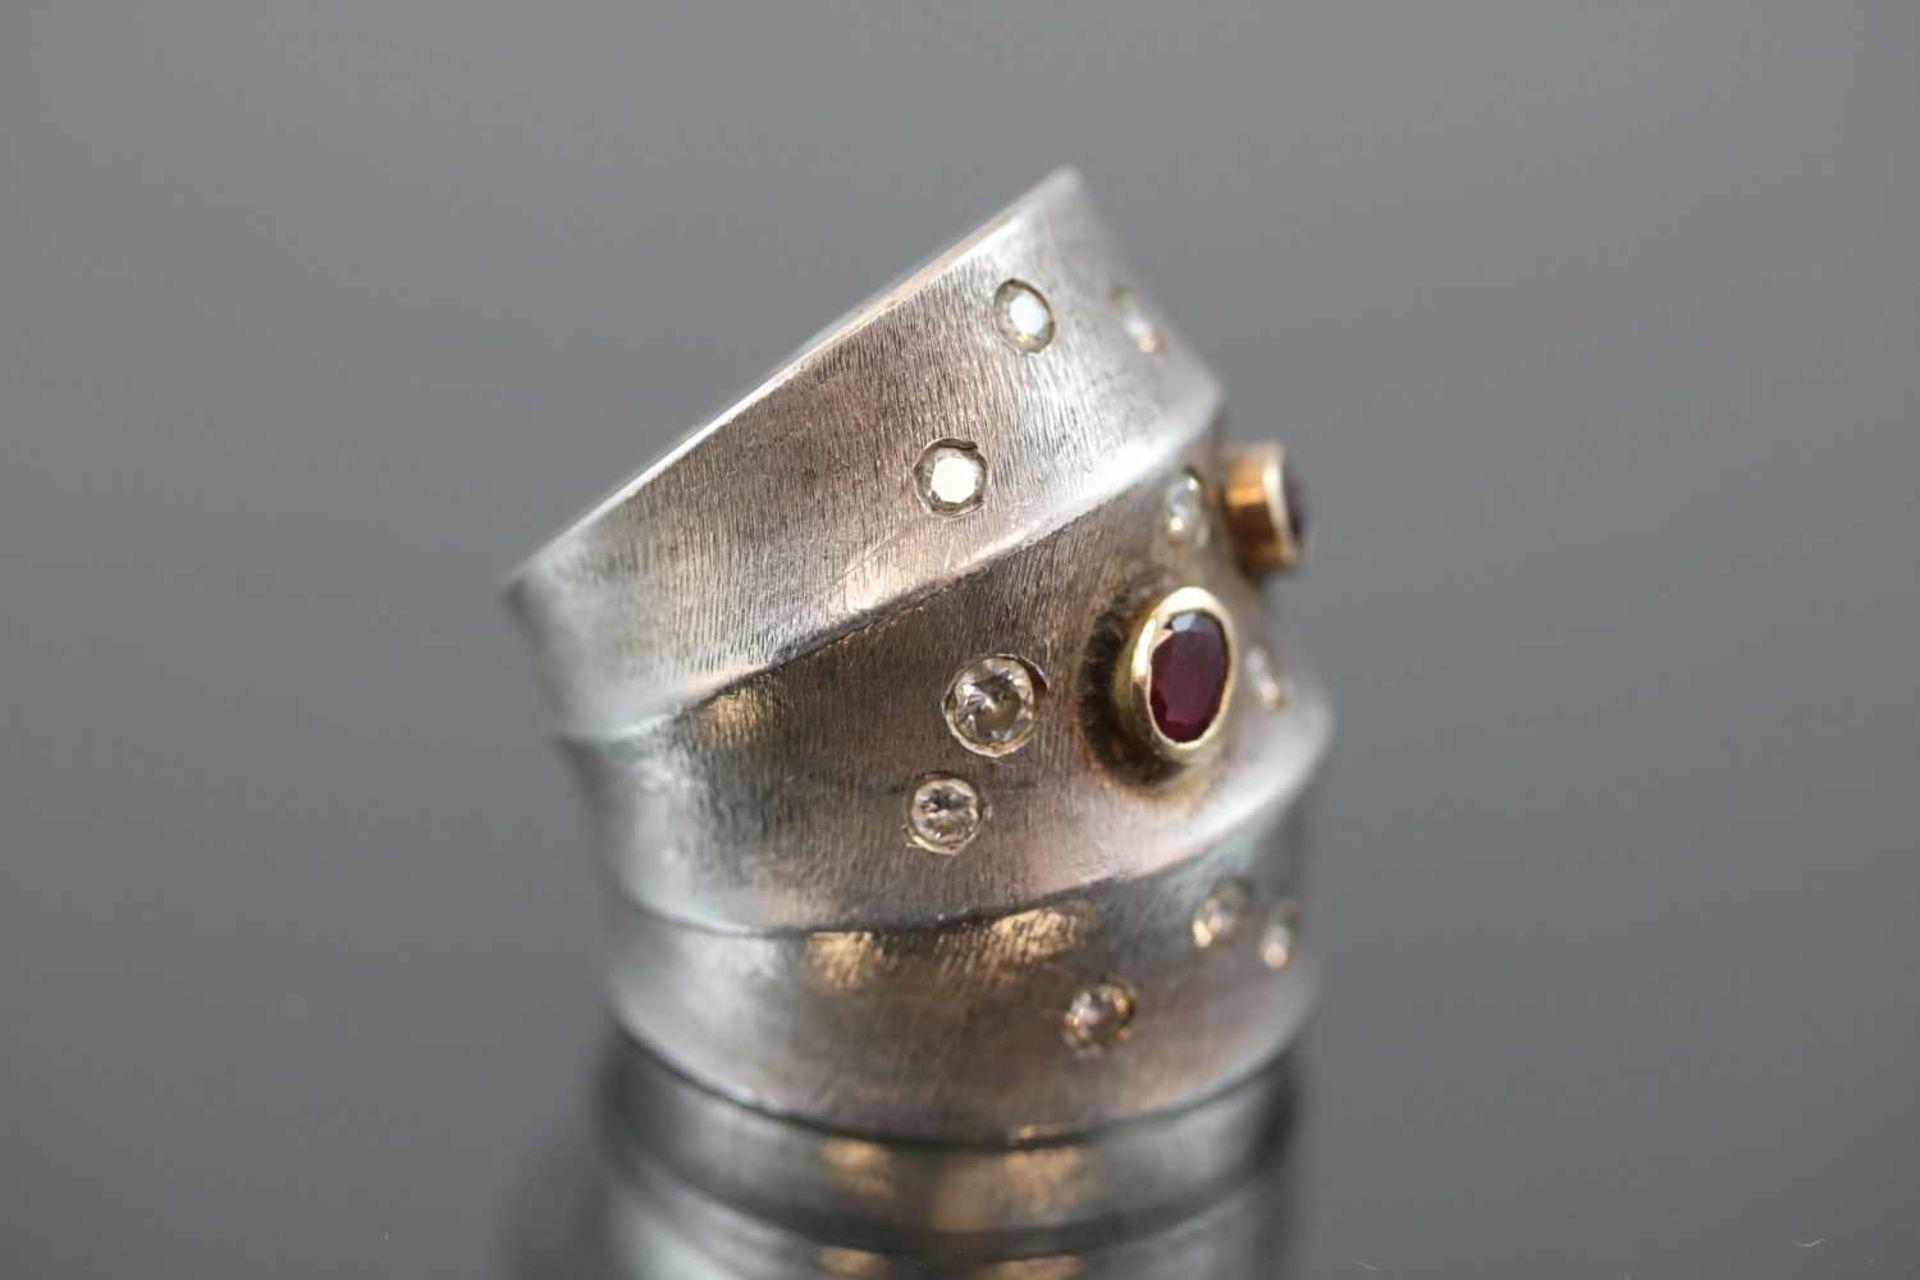 Design-Ring, 925 Silber/Gold21,3 Gramm 12 Brillanten, ca. 0,60 ct., w/si. Ringgröße: 582 Rubine. - Bild 3 aus 3